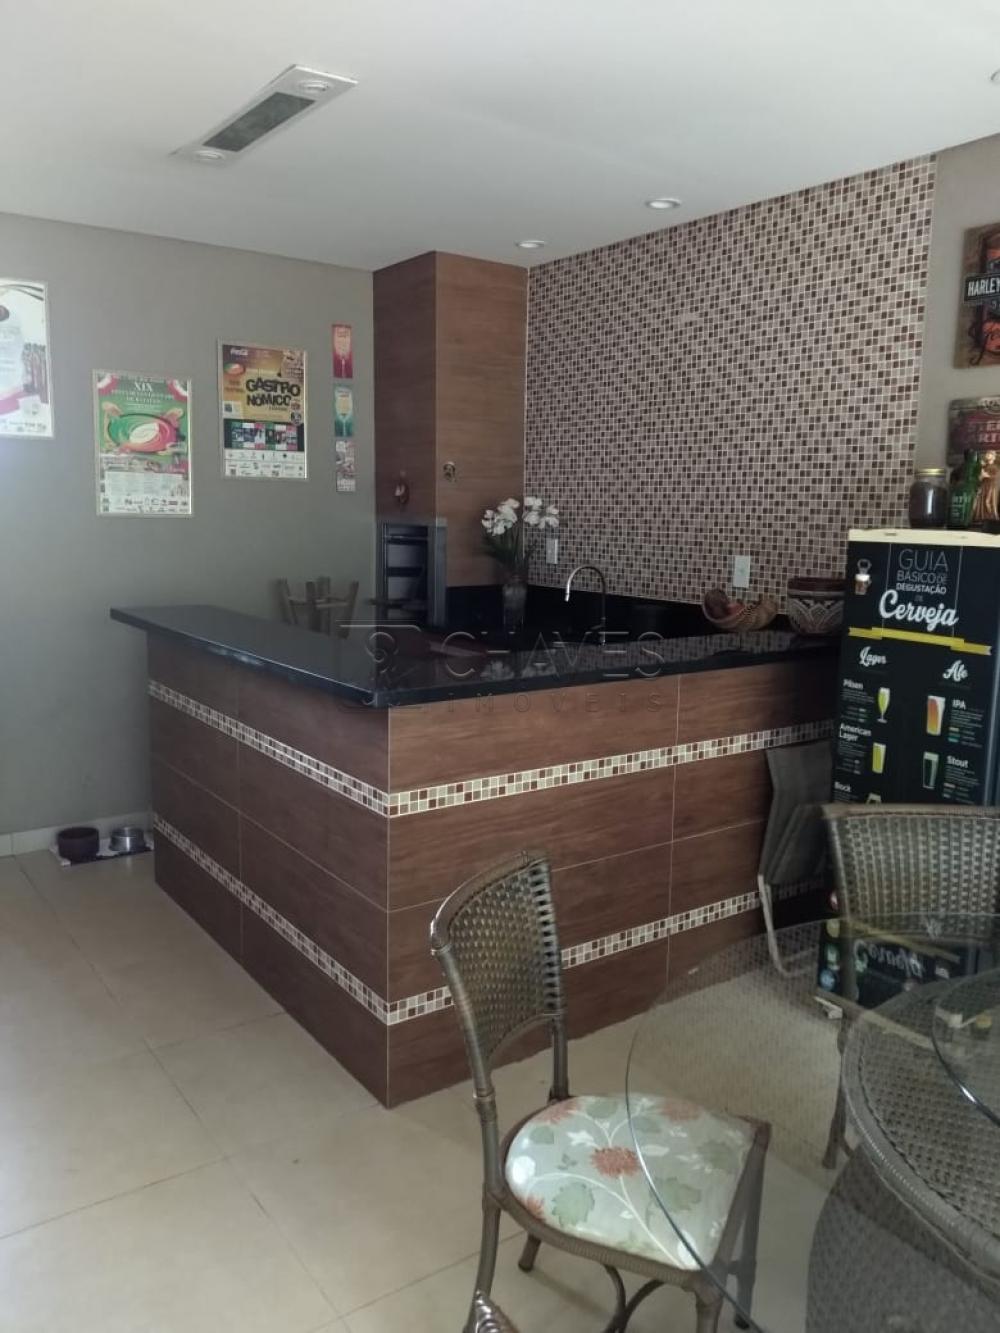 Comprar Casa / Condomínio em Ribeirão Preto apenas R$ 700.000,00 - Foto 8